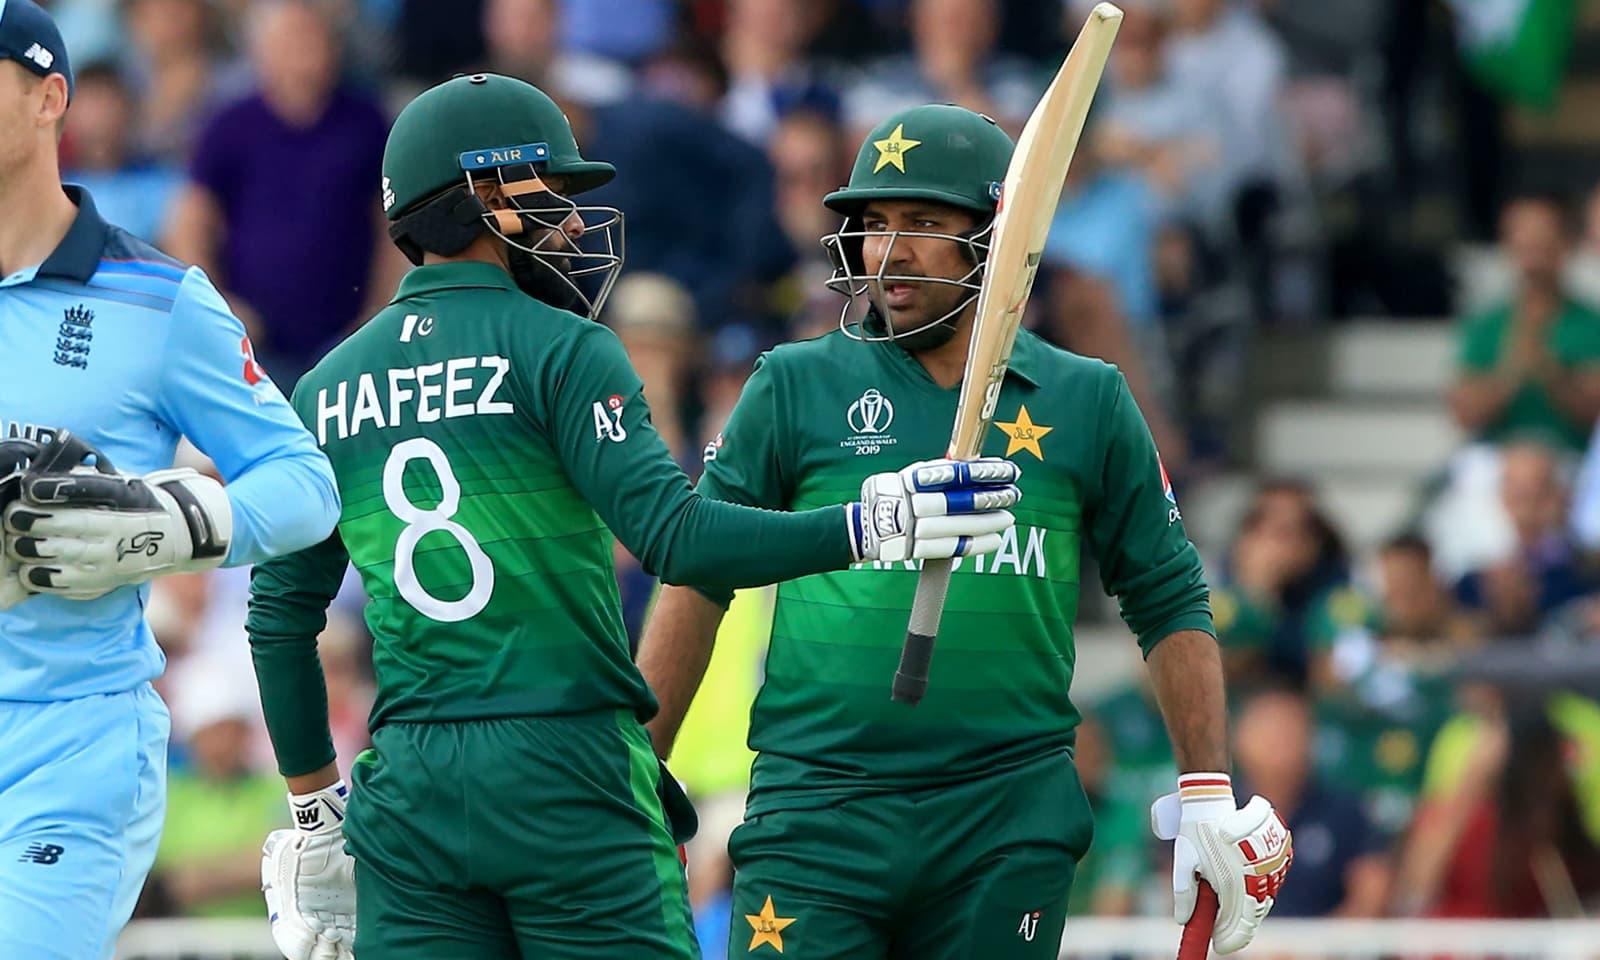 قومی ٹیم کی جانب سے محمد حفیظ، بابر اعظم اور سرفراز احمد نے نصف سنچریاں اسکور کیں — فوٹو: اے ایف پی